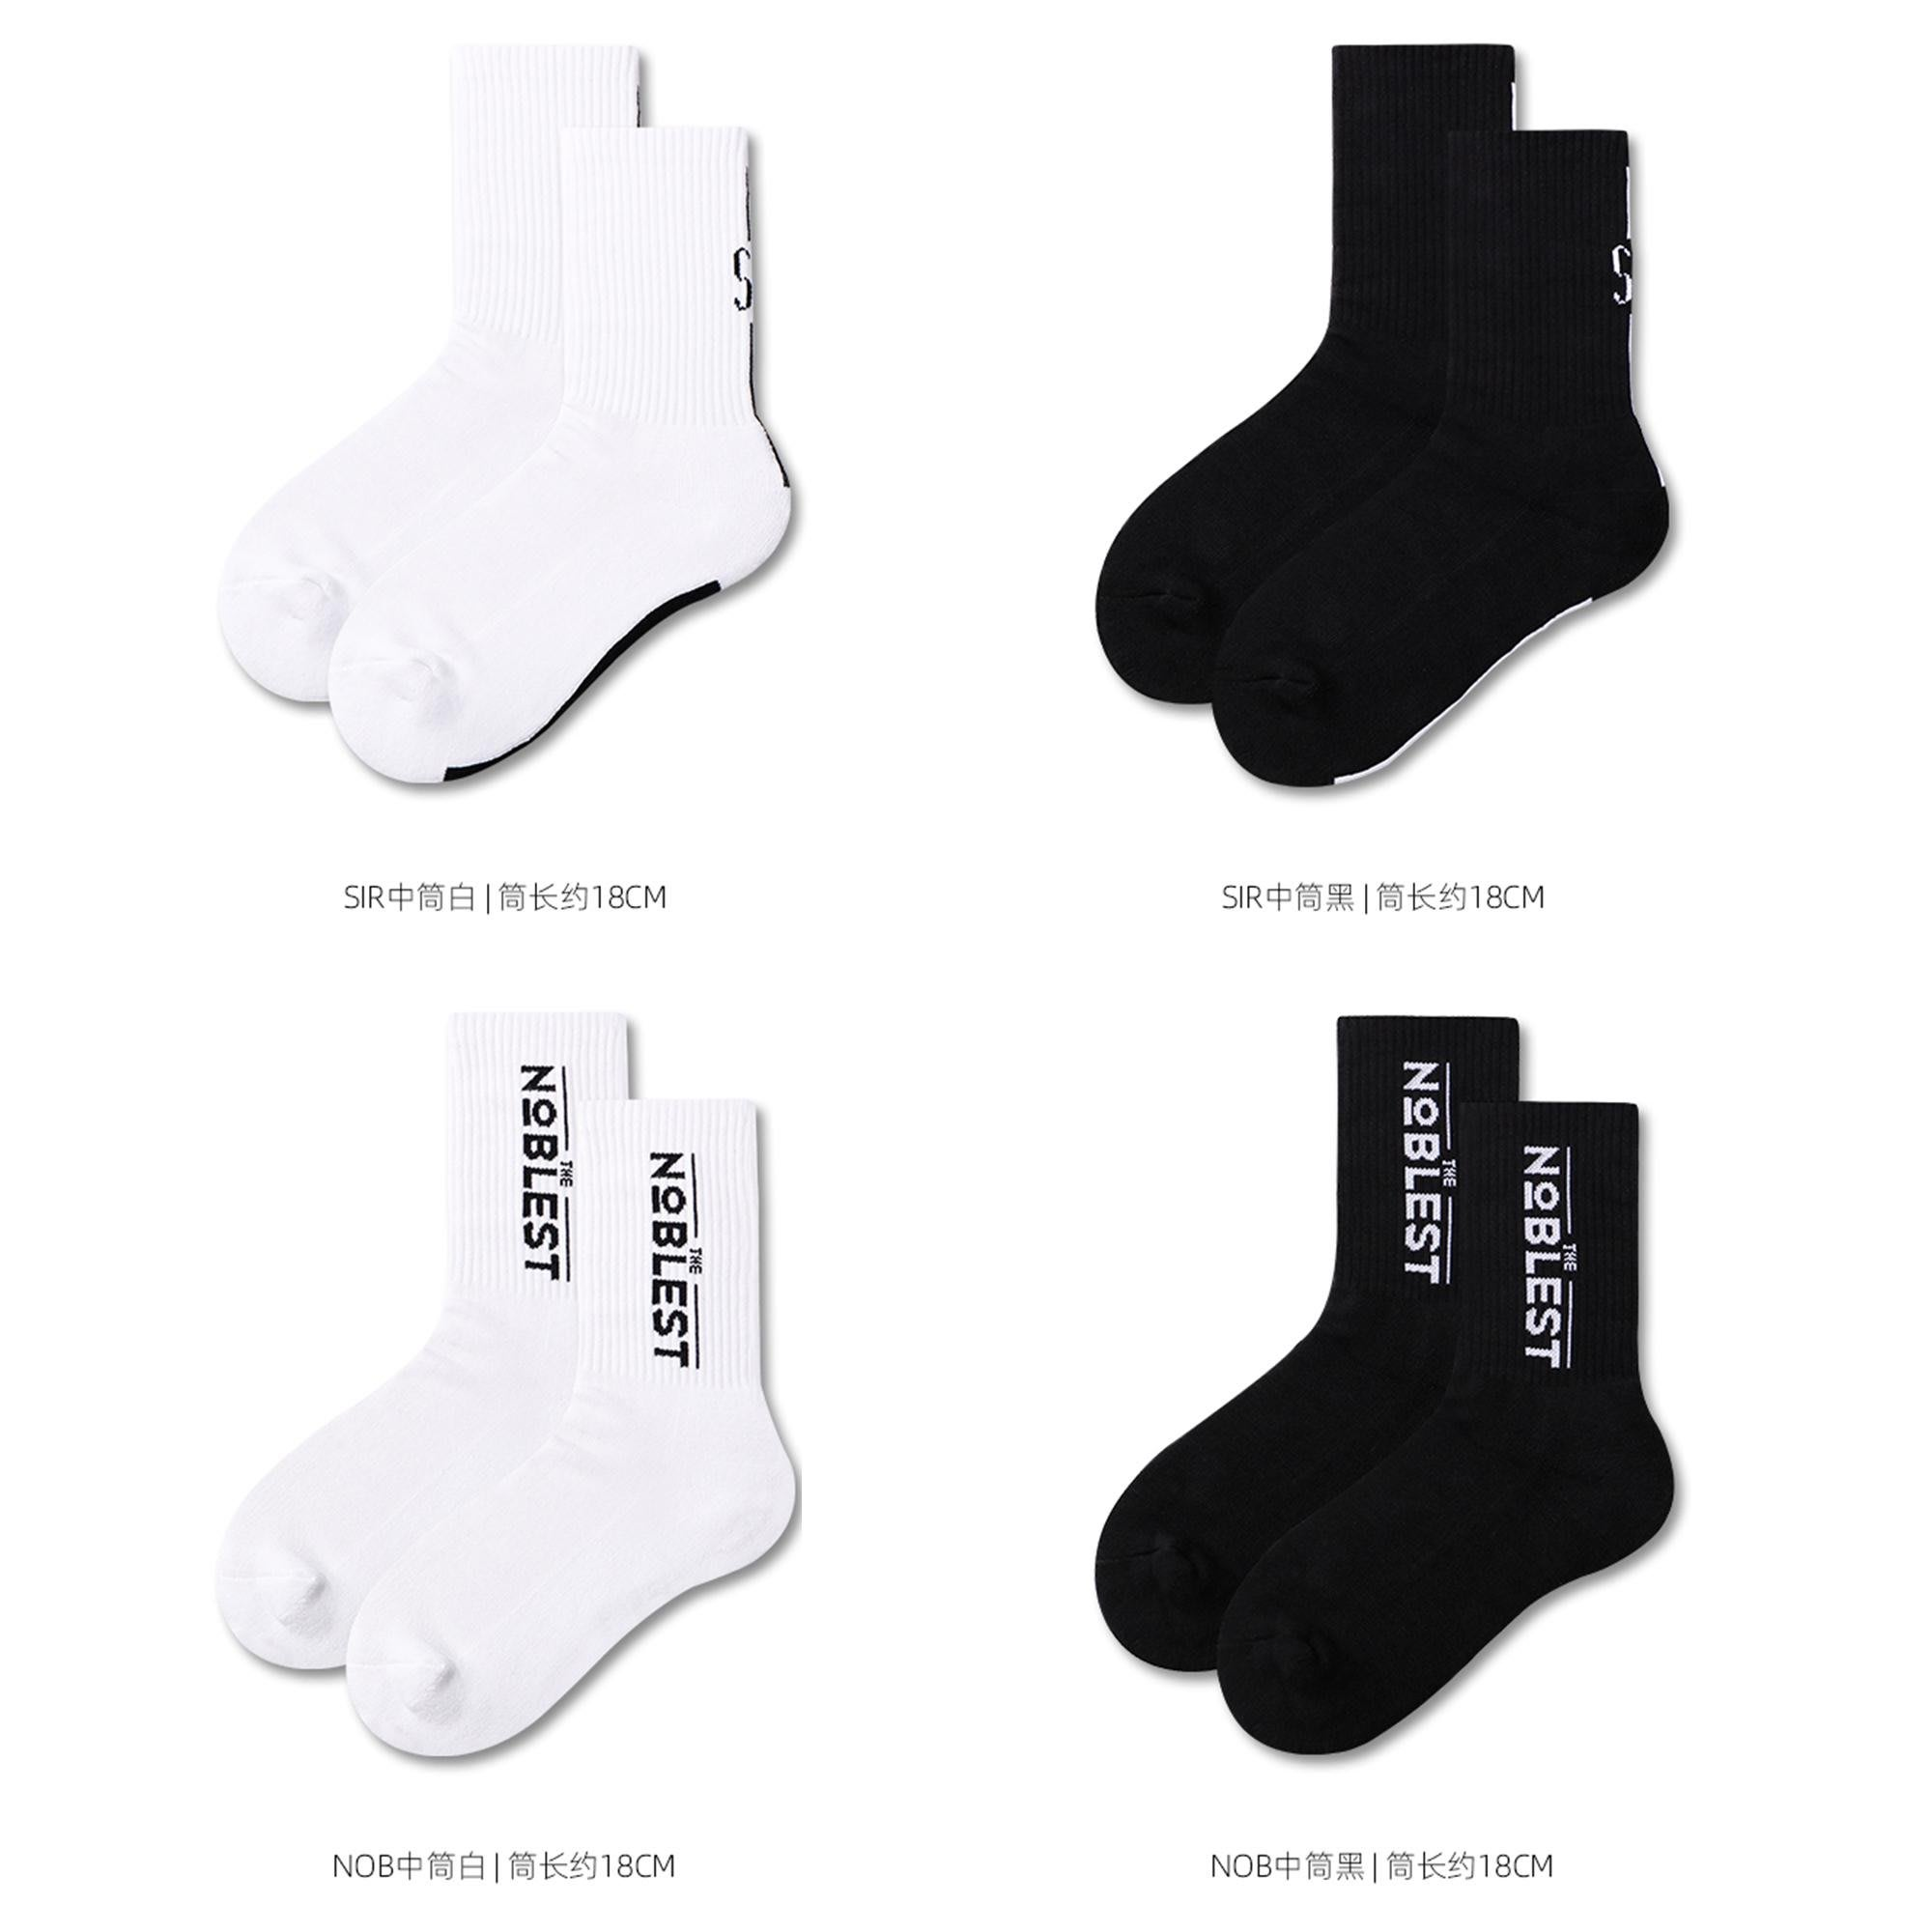 ✿傾情小鎮✿ 【NOBLEST】【SIR】中筒襪男士運動加厚純棉透氣舒適自然字母款男襪潮